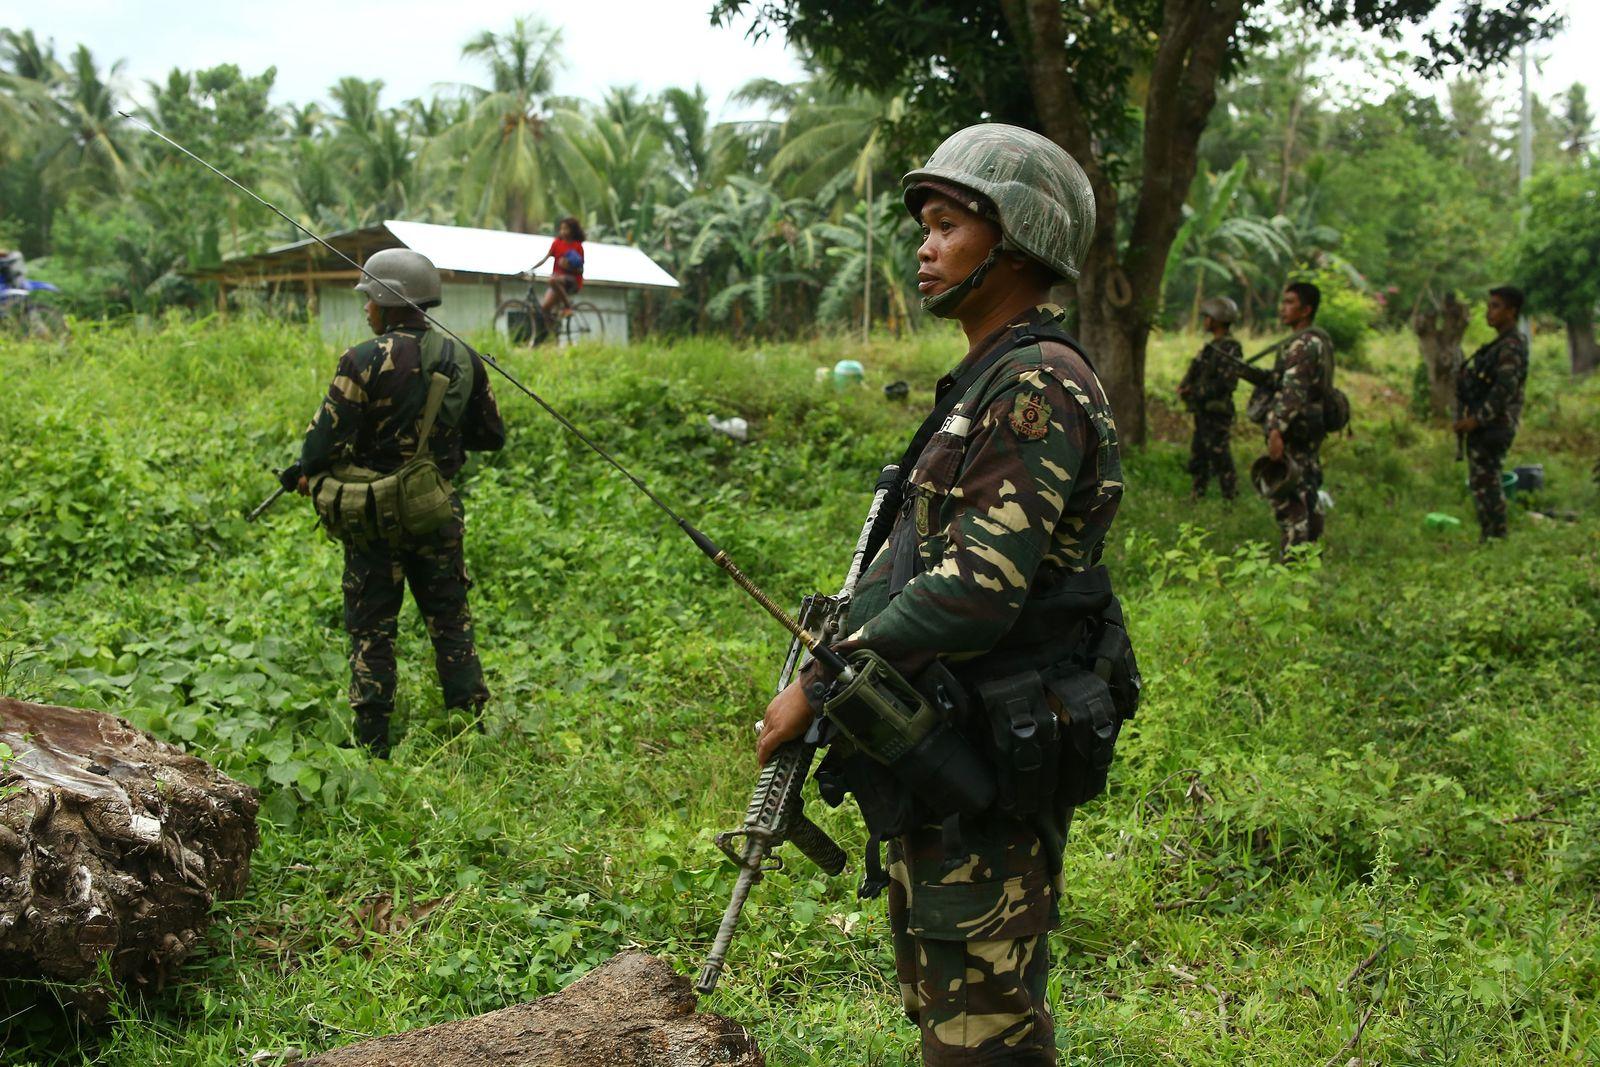 PHILIPPINES-INDONESIA-UNREST-CONFLICT